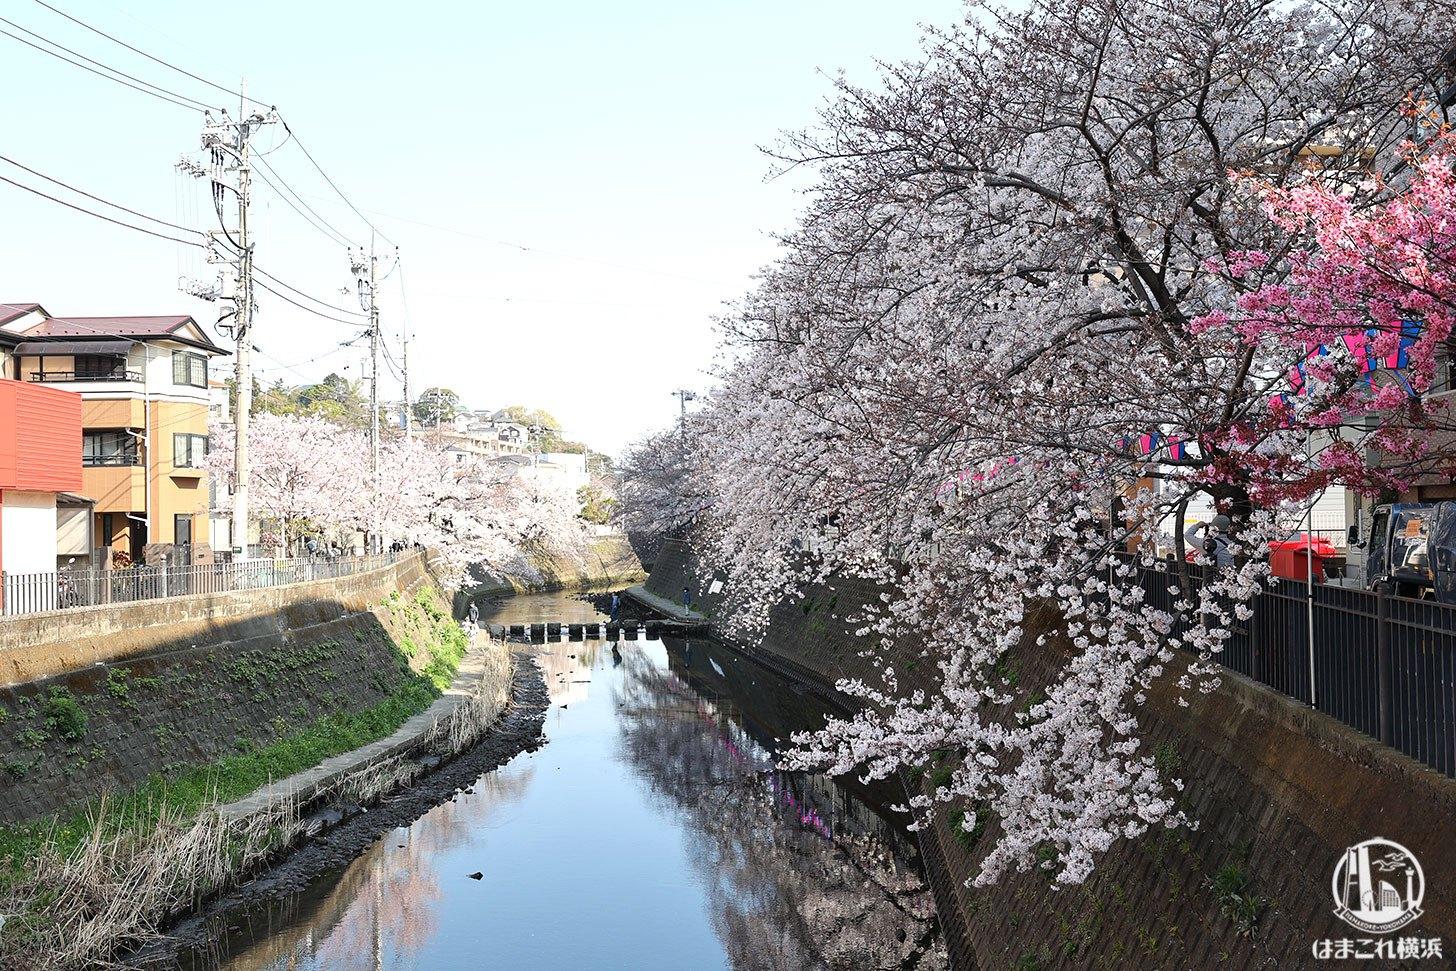 横浜弘明寺商店街「観音橋」から見た桜